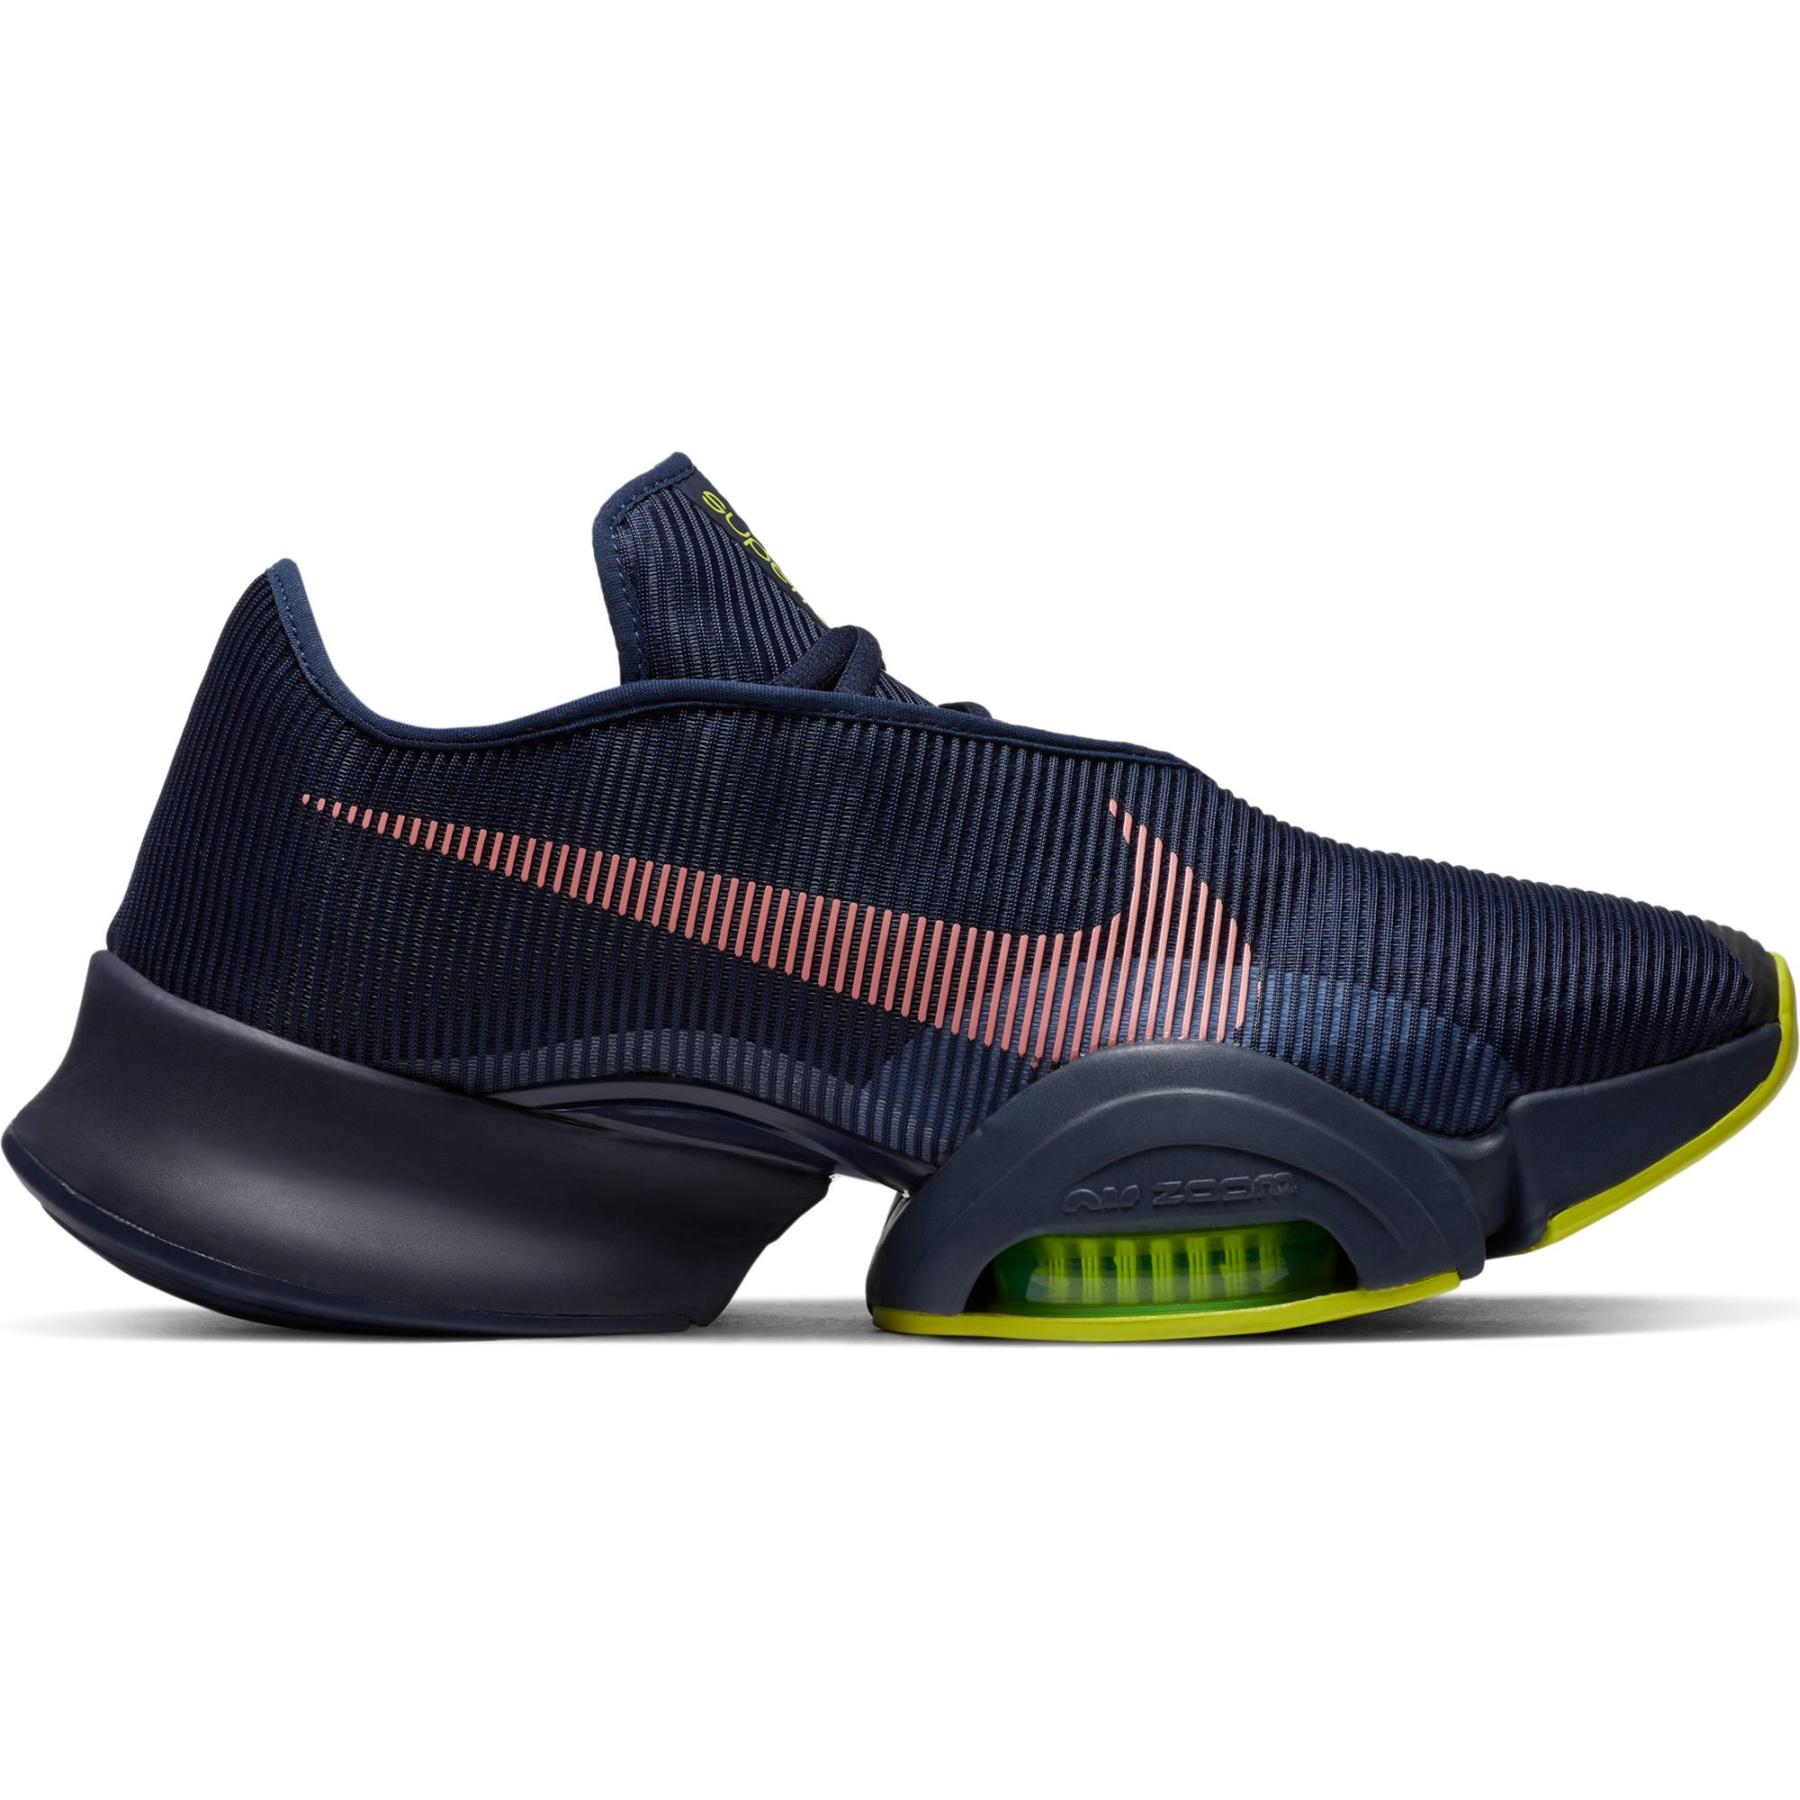 Produktbild von Nike Air Zoom Superrep 2 Herrenschuhe - blackened blue/bright mango-cyber CU6445-400